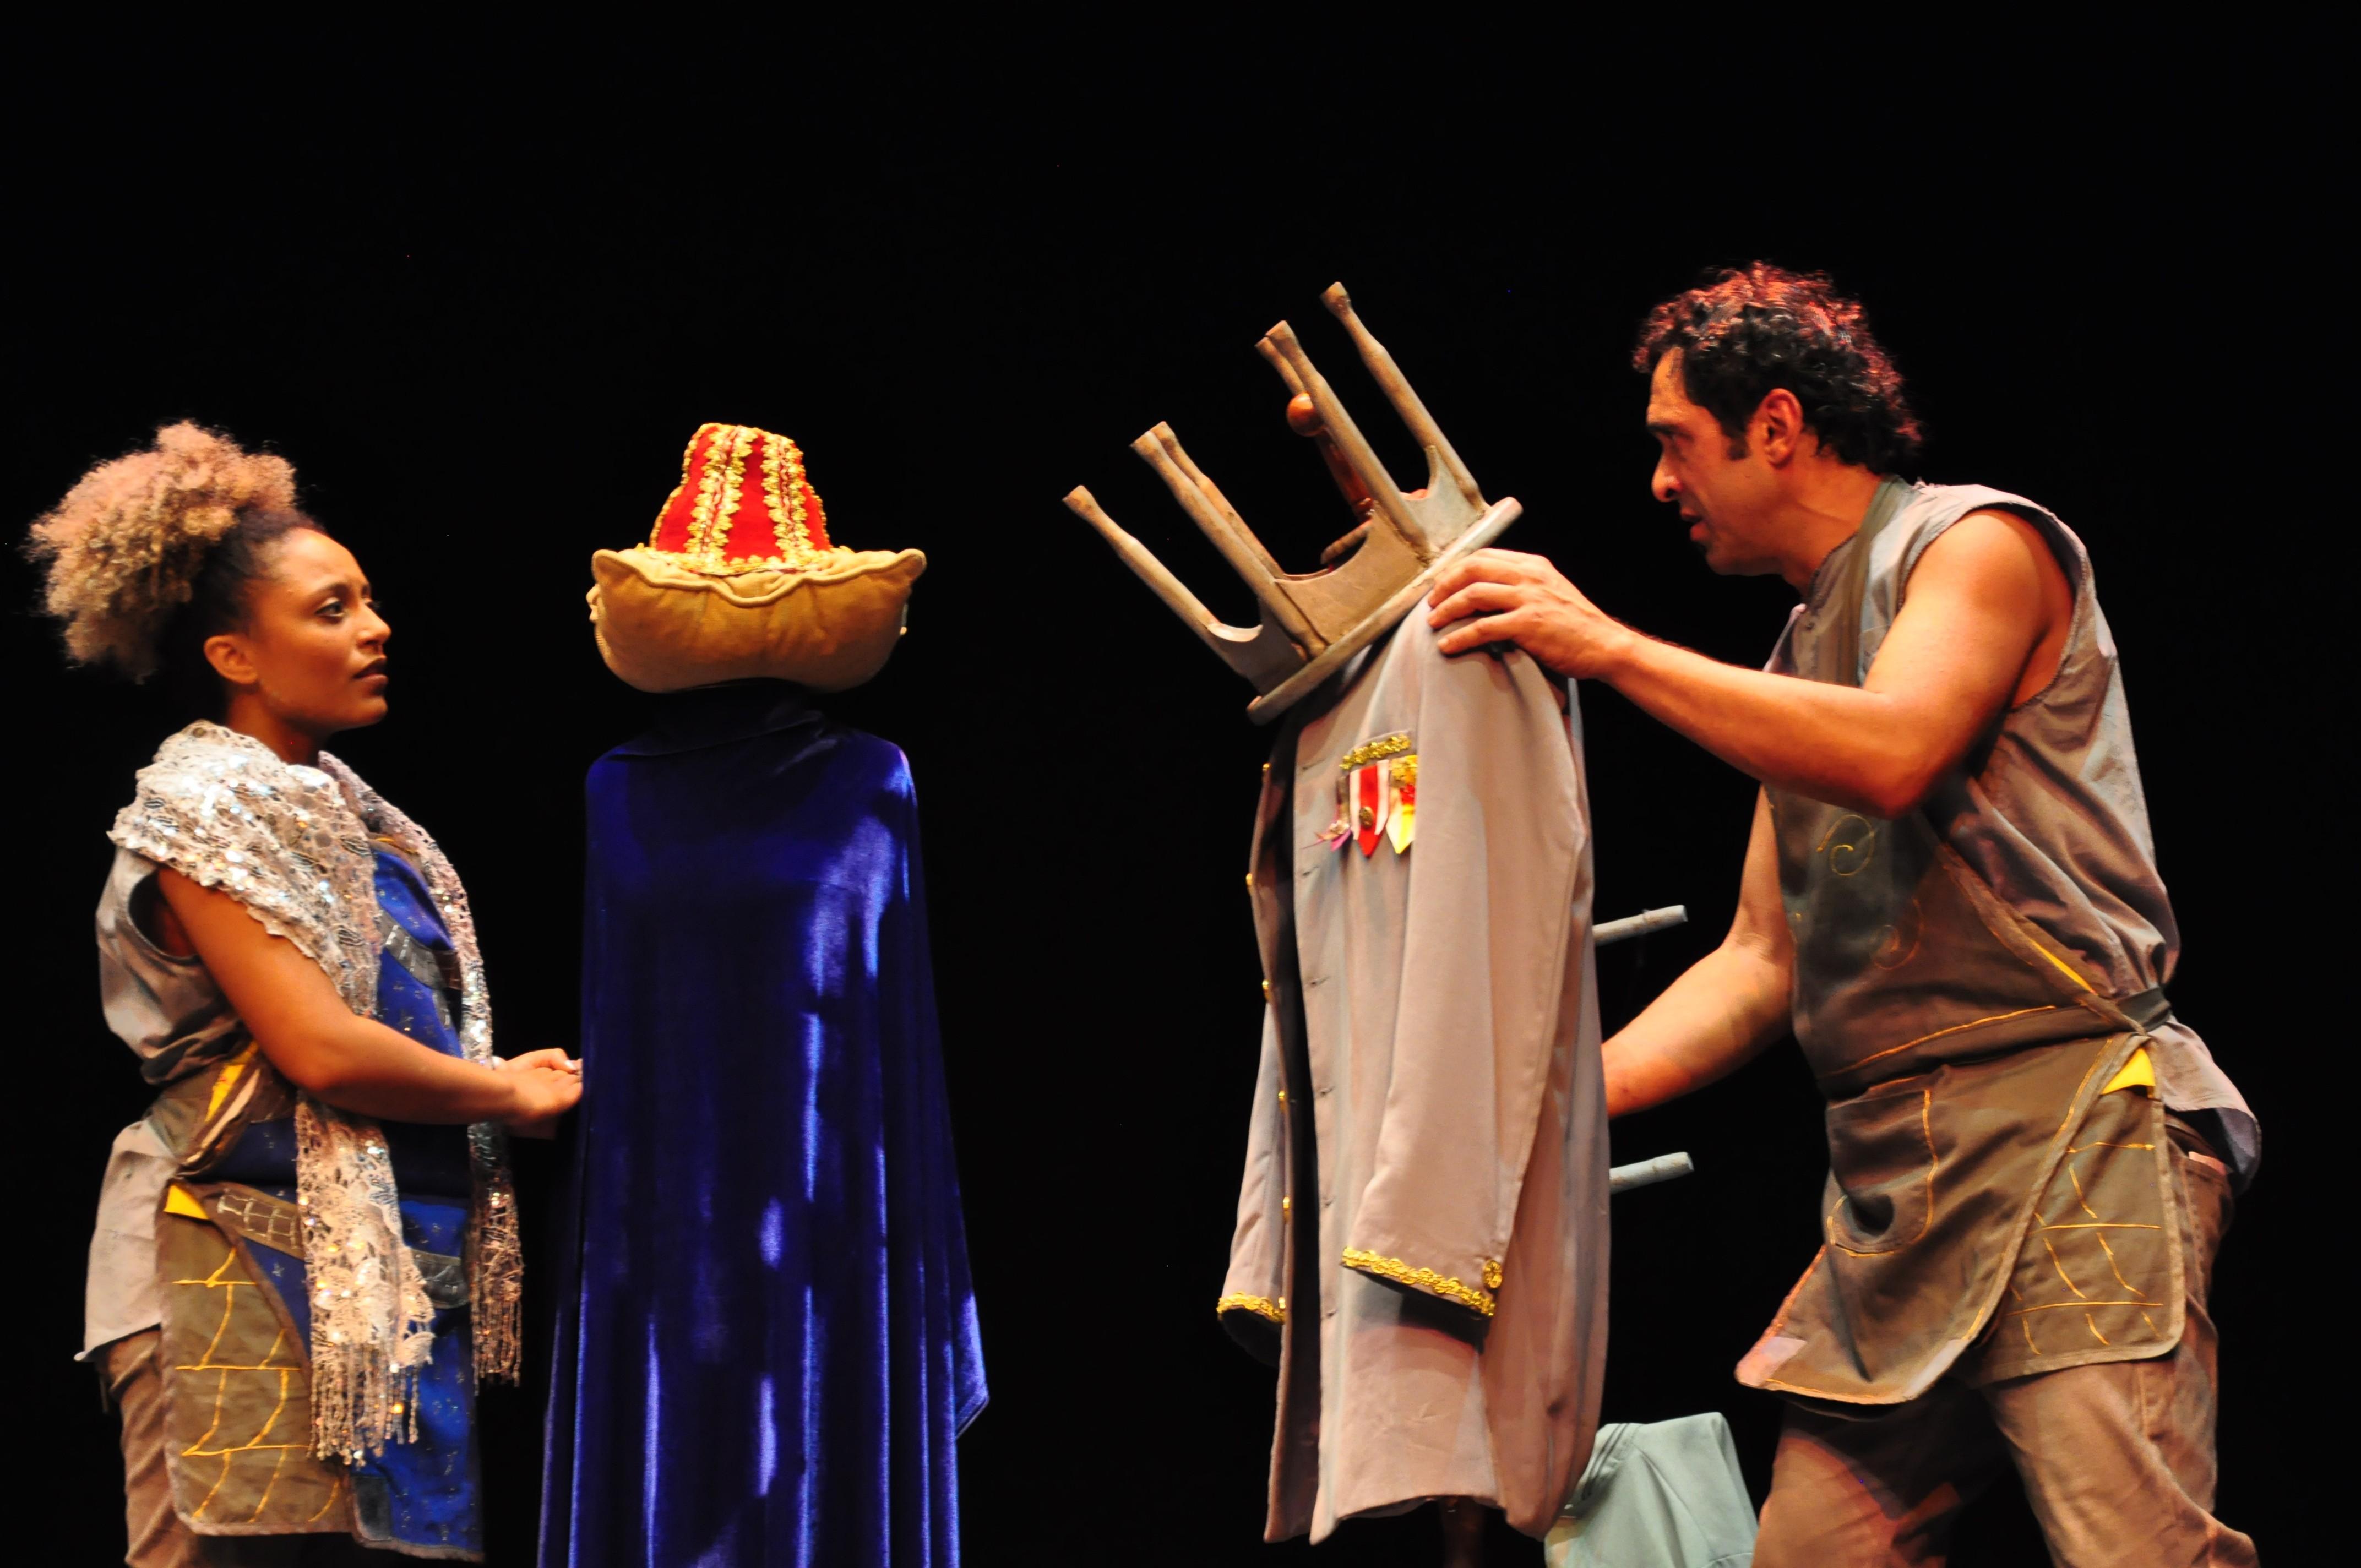 Princesa e Costureira 2 (Foto: Alexandre Krug/divulgação )